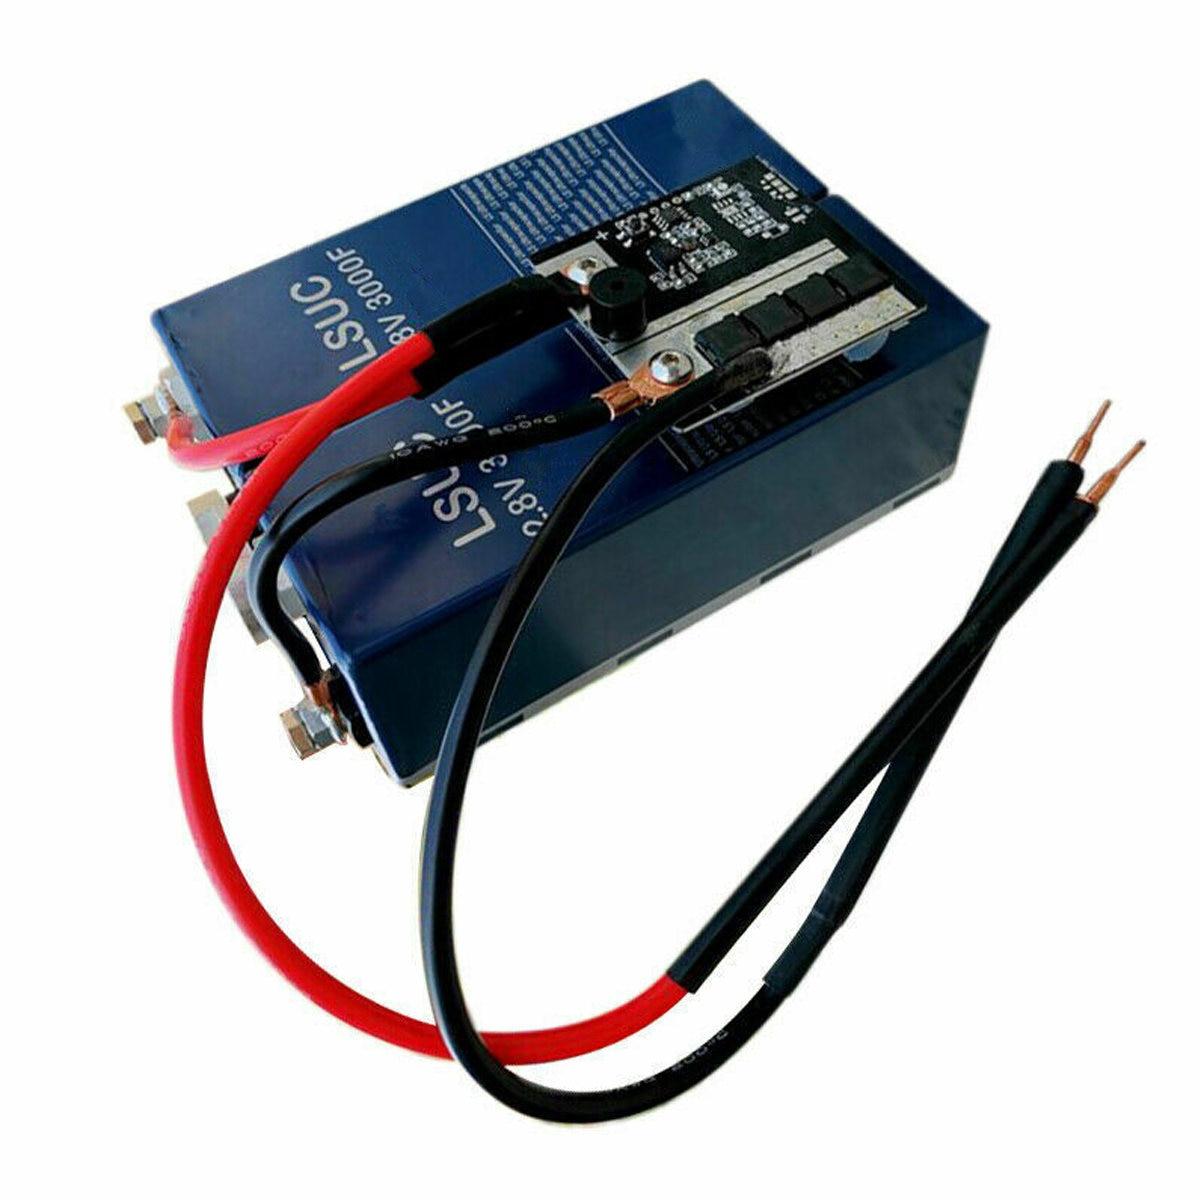 Portable DIY Mini Battery Spot Welder For 18650 Battery Box Assembly  Welding Machine 5.6V DIY Homemade Spot Welder Pens